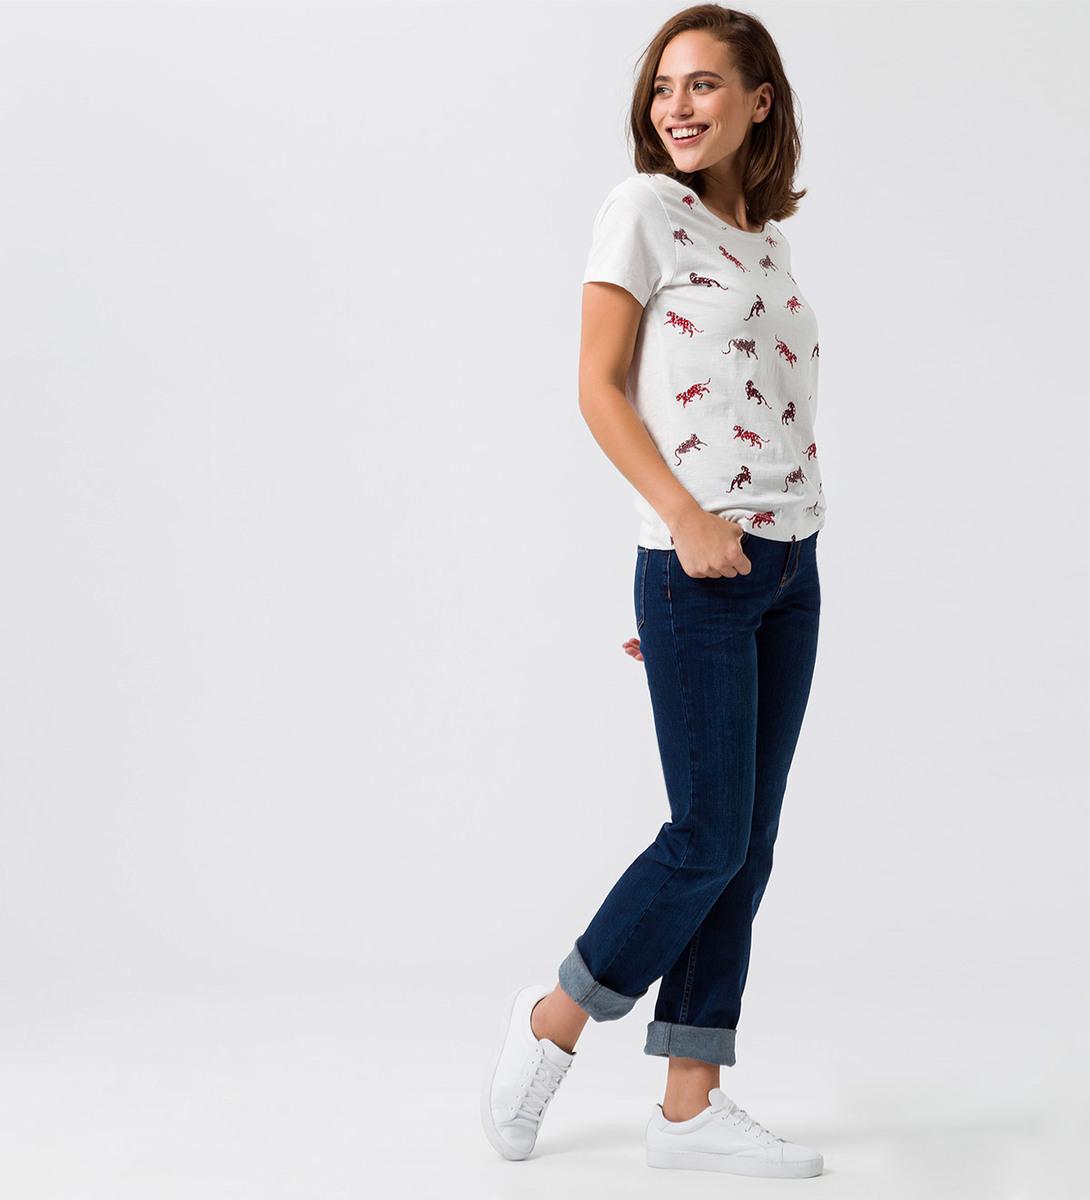 T-Shirt mit Print und Glitzersteinen vorn in offwhite